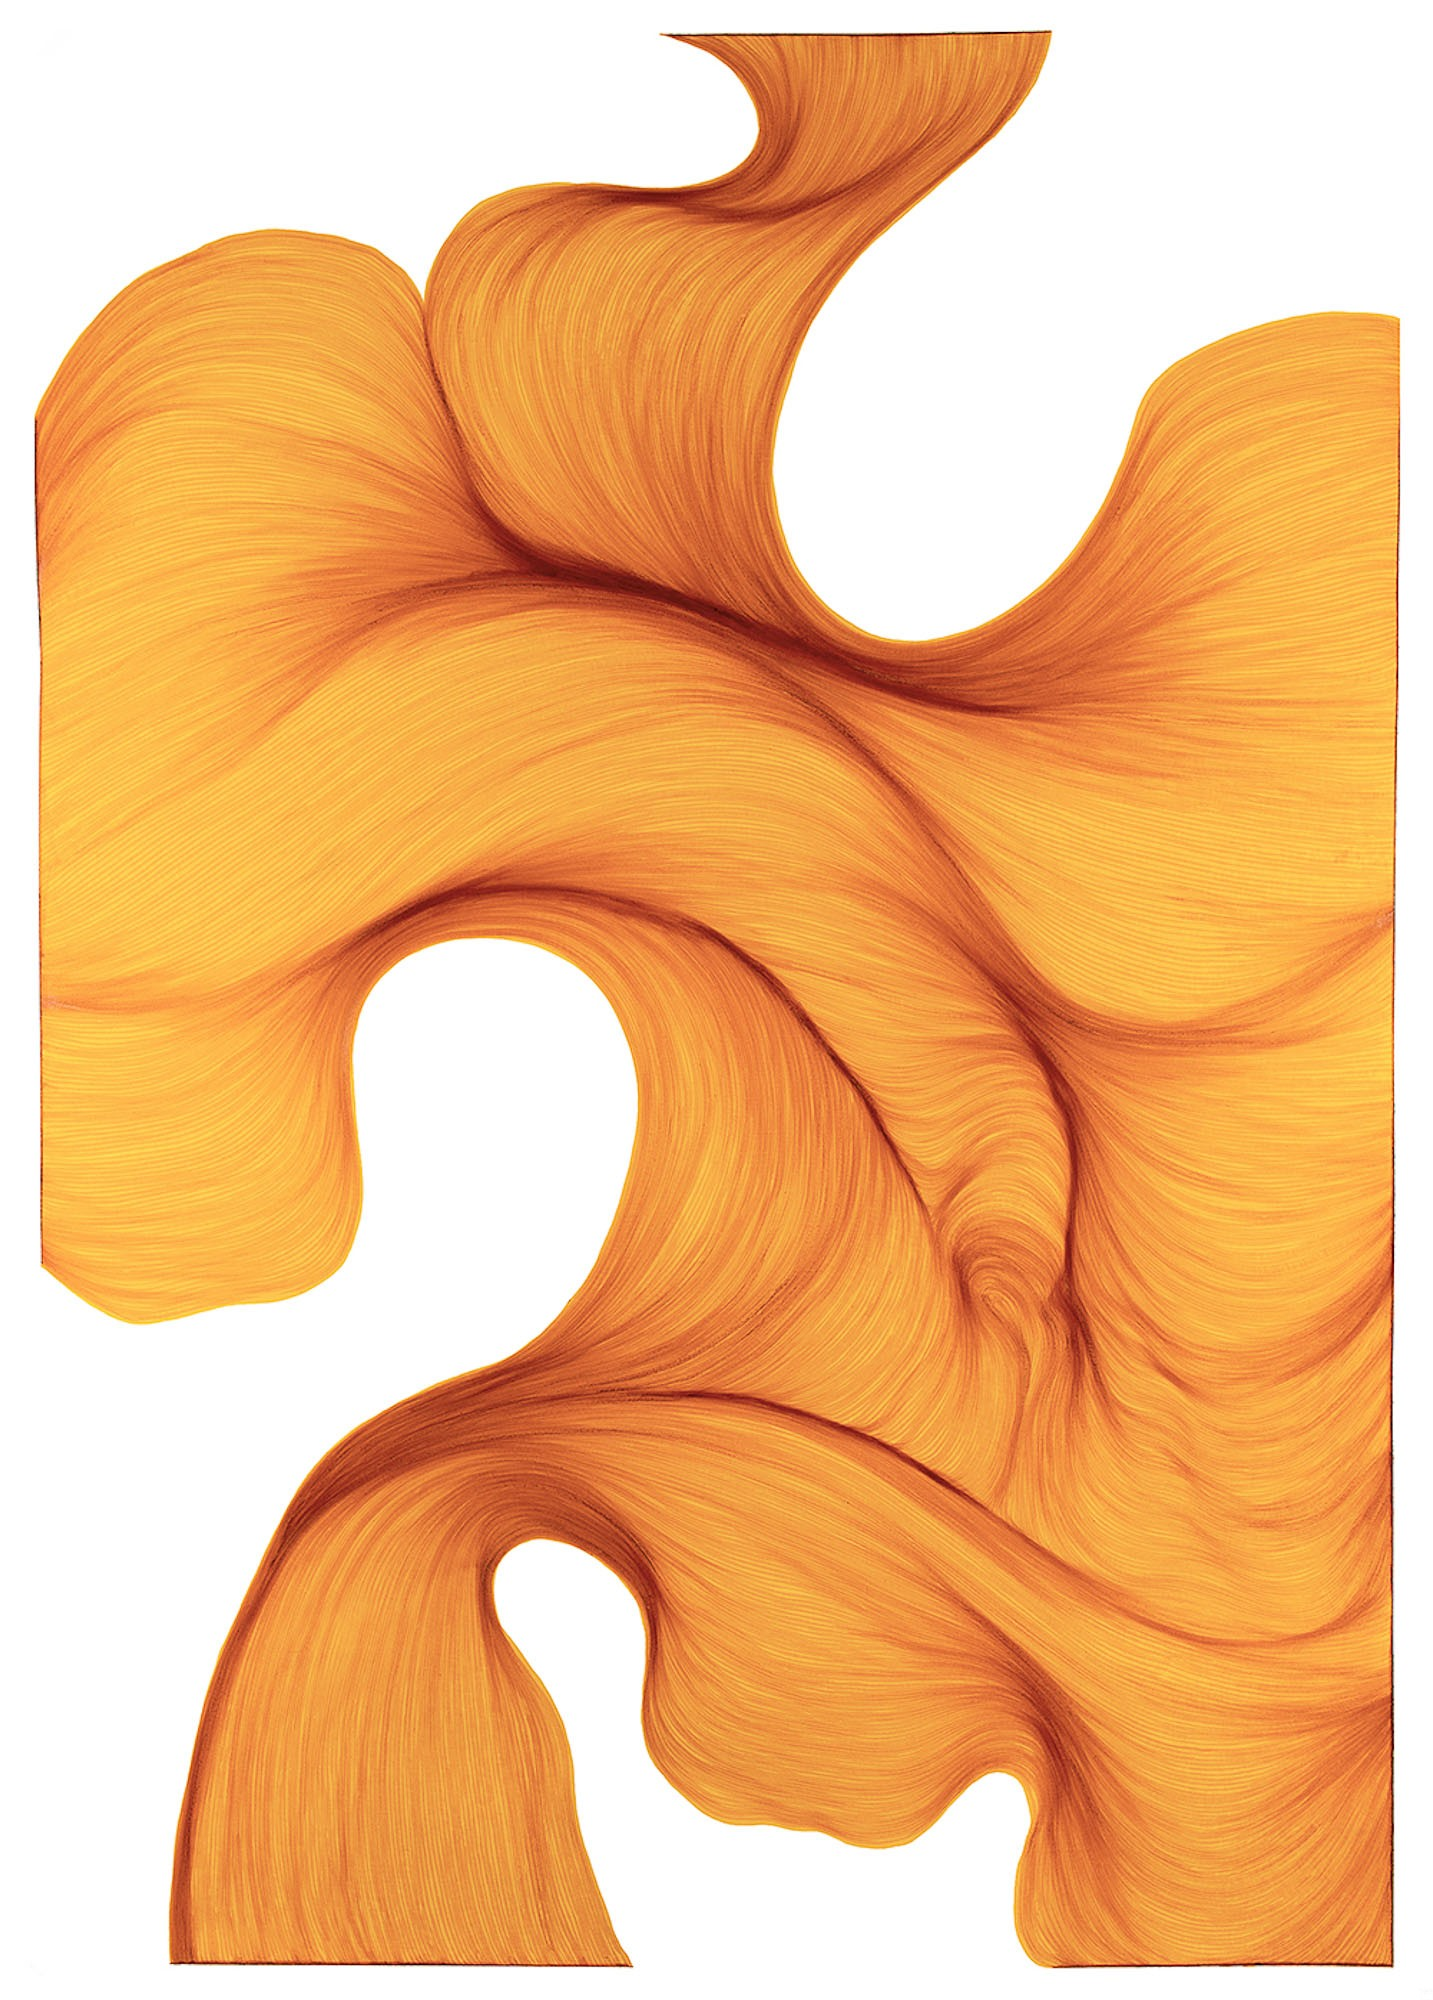 Sunlight Melt | Lali Torma | Zeichnung | Kalligraphie Tinte auf Papier